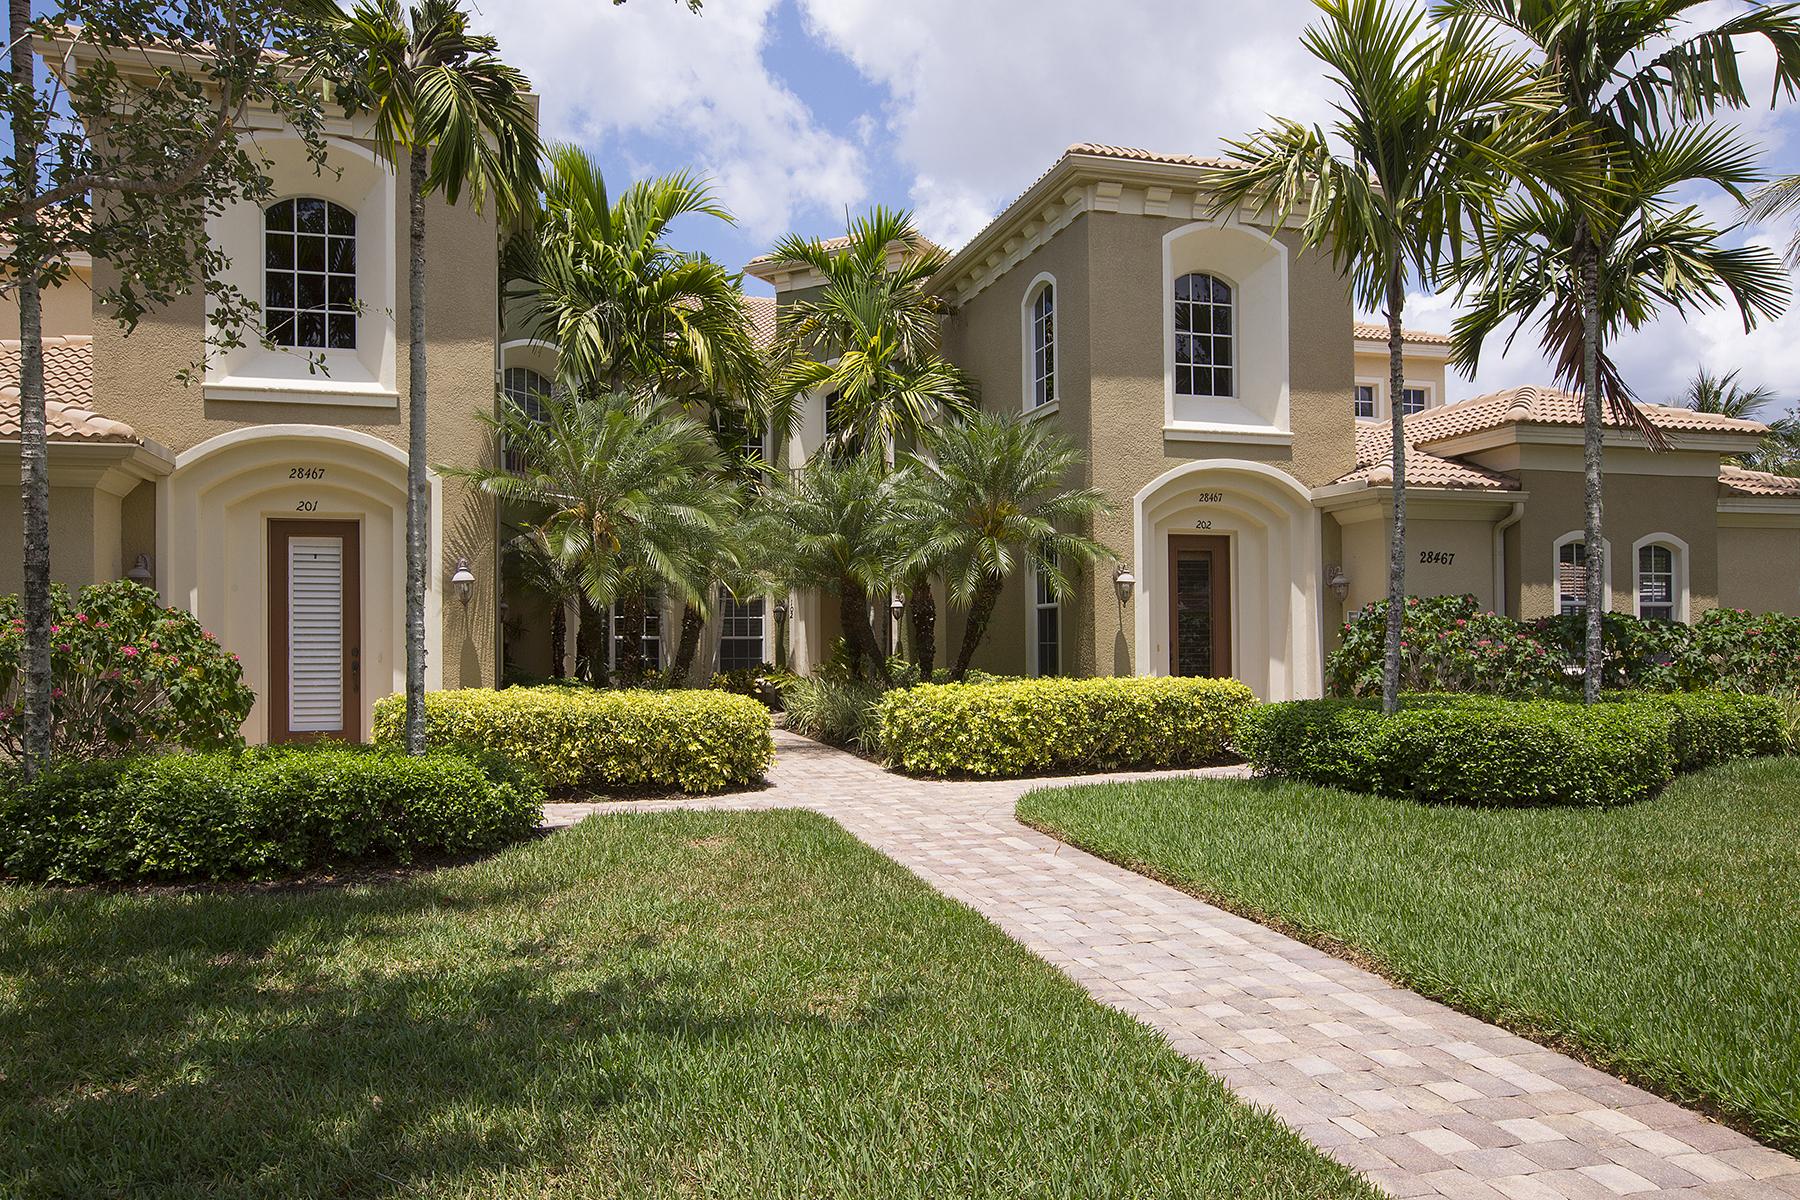 共管式独立产权公寓 为 销售 在 CASSIA AT VASARI 28467 Altessa Way 202, 博尼塔温泉, 佛罗里达州 34135 美国